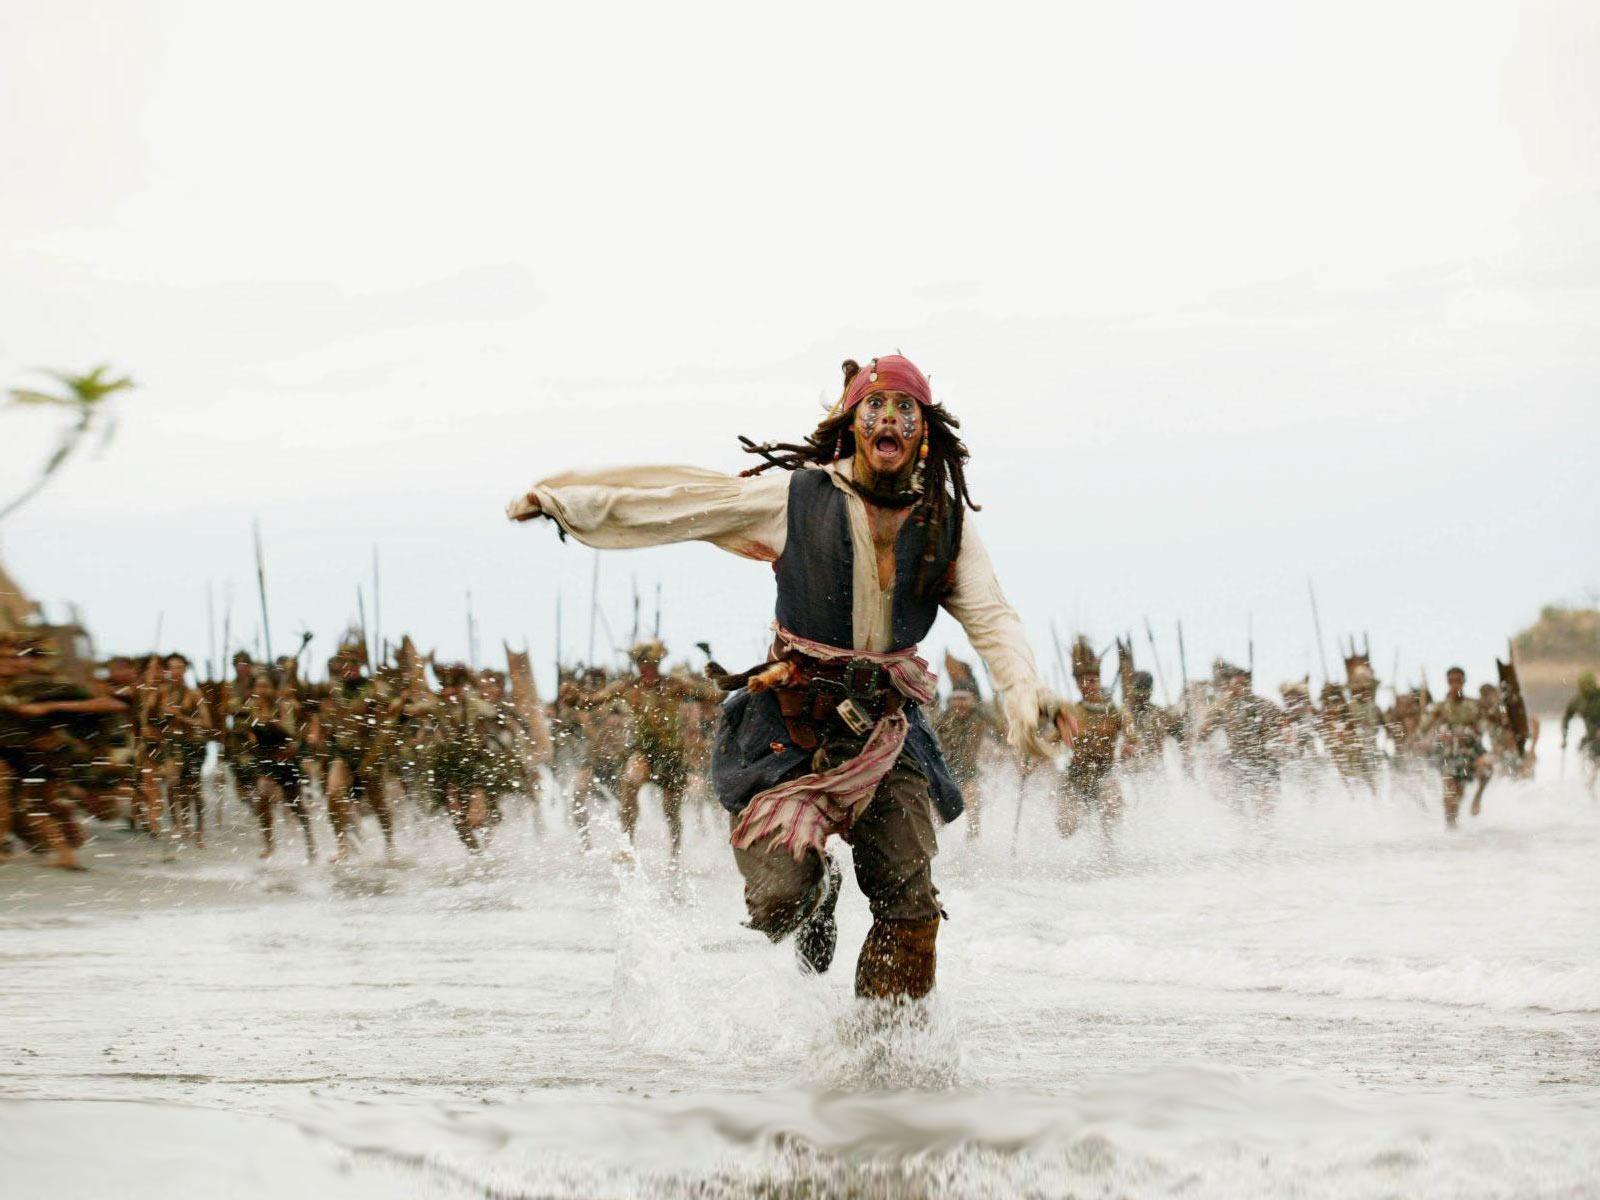 http://4.bp.blogspot.com/-kUnTfEifN74/TdgpKYuts4I/AAAAAAAAAL0/S4ubQsz6yzY/s1600/Johnny+Depp+Jack+Sparrow+1.jpg